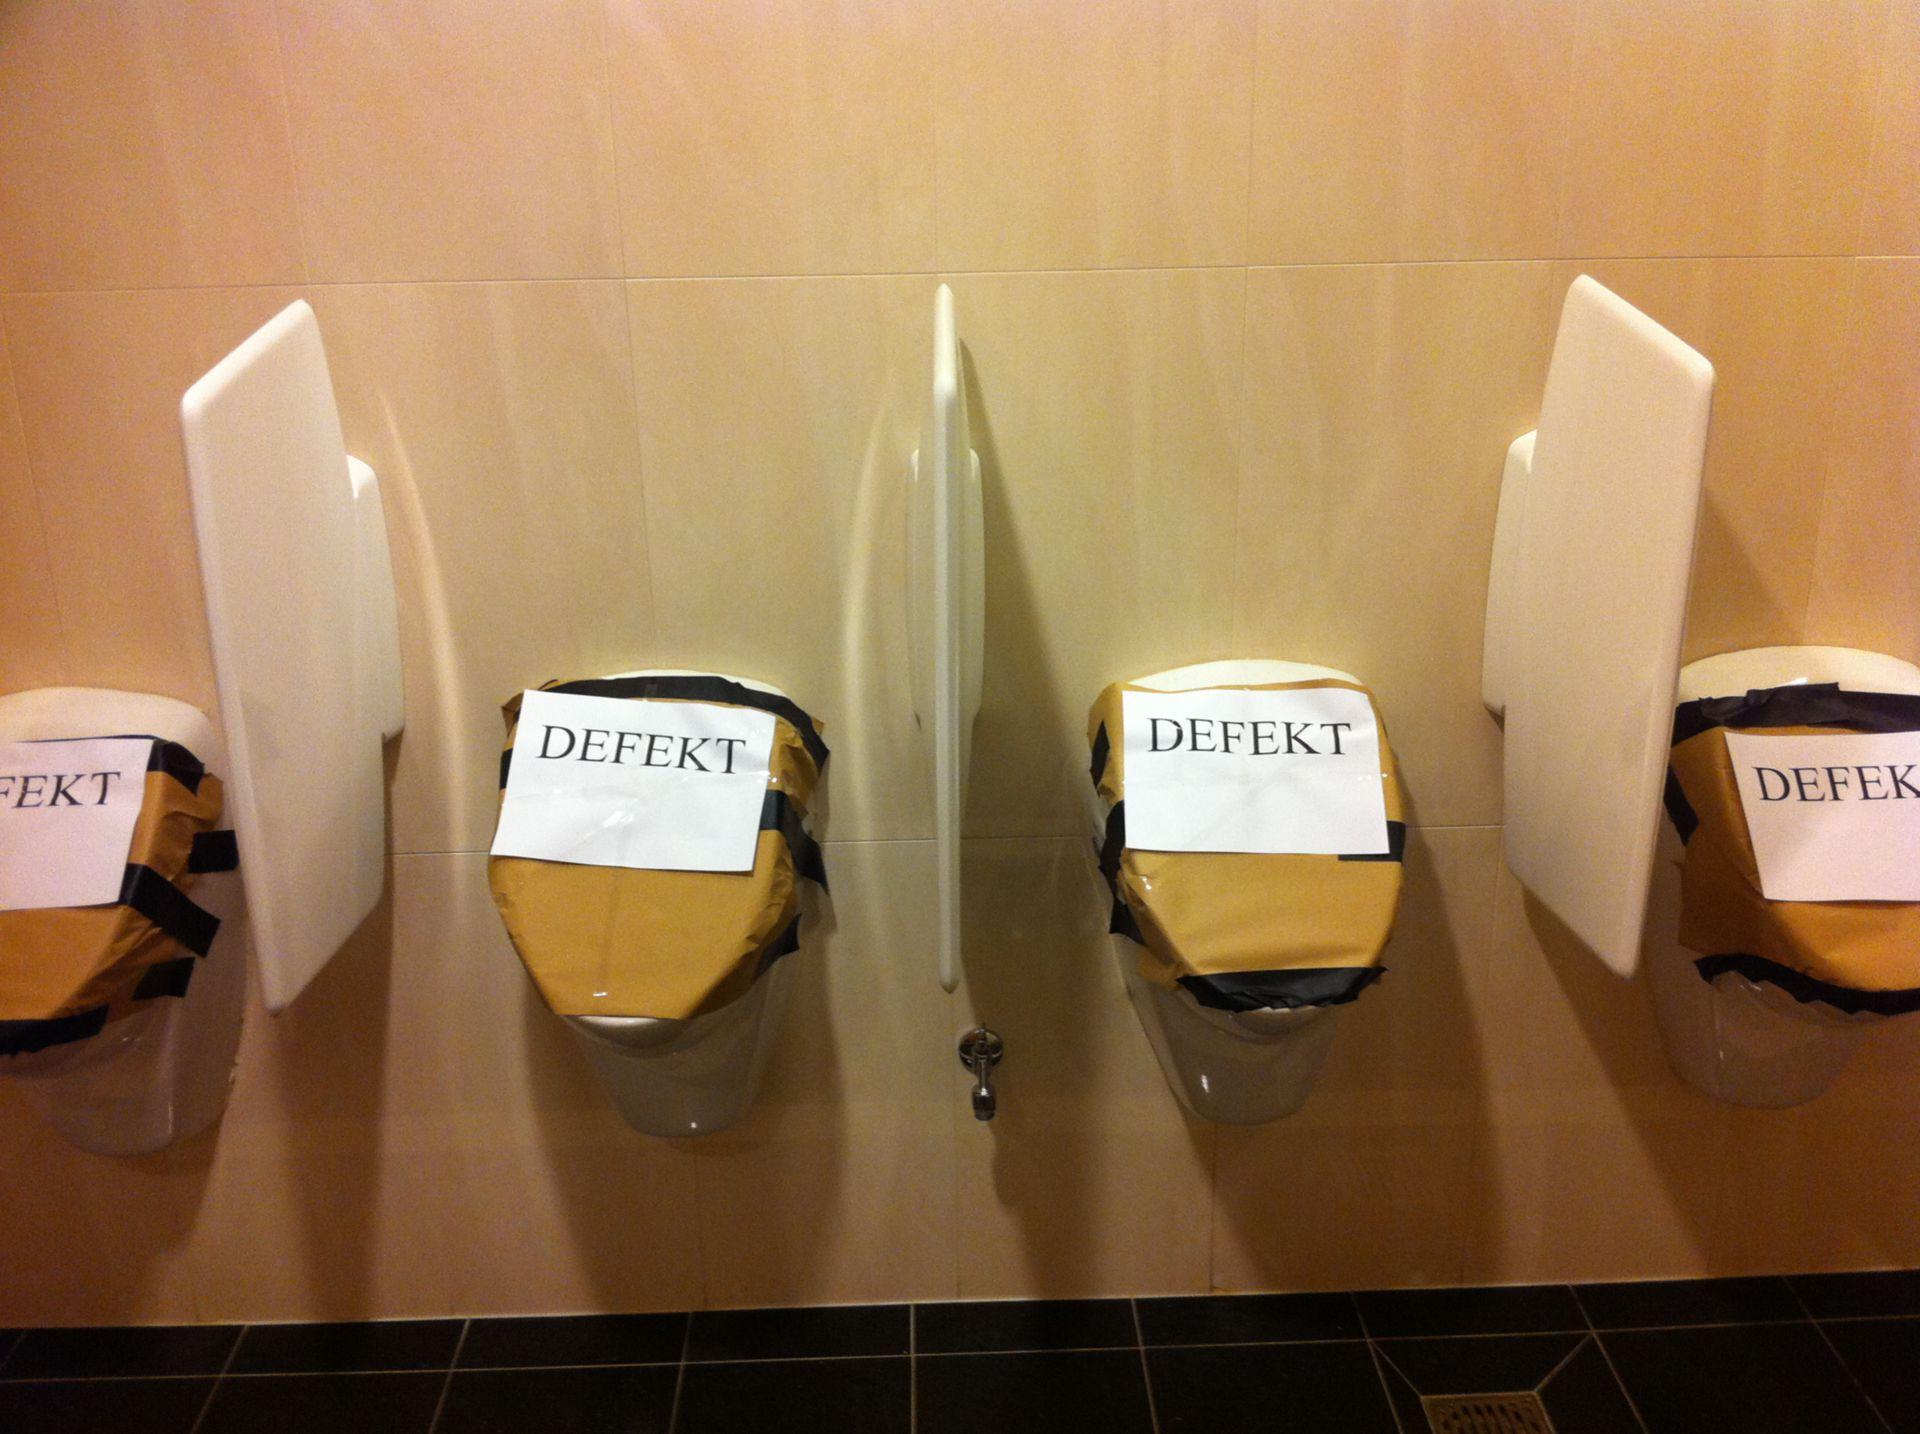 Toiletten in der urologischen Ambulanz